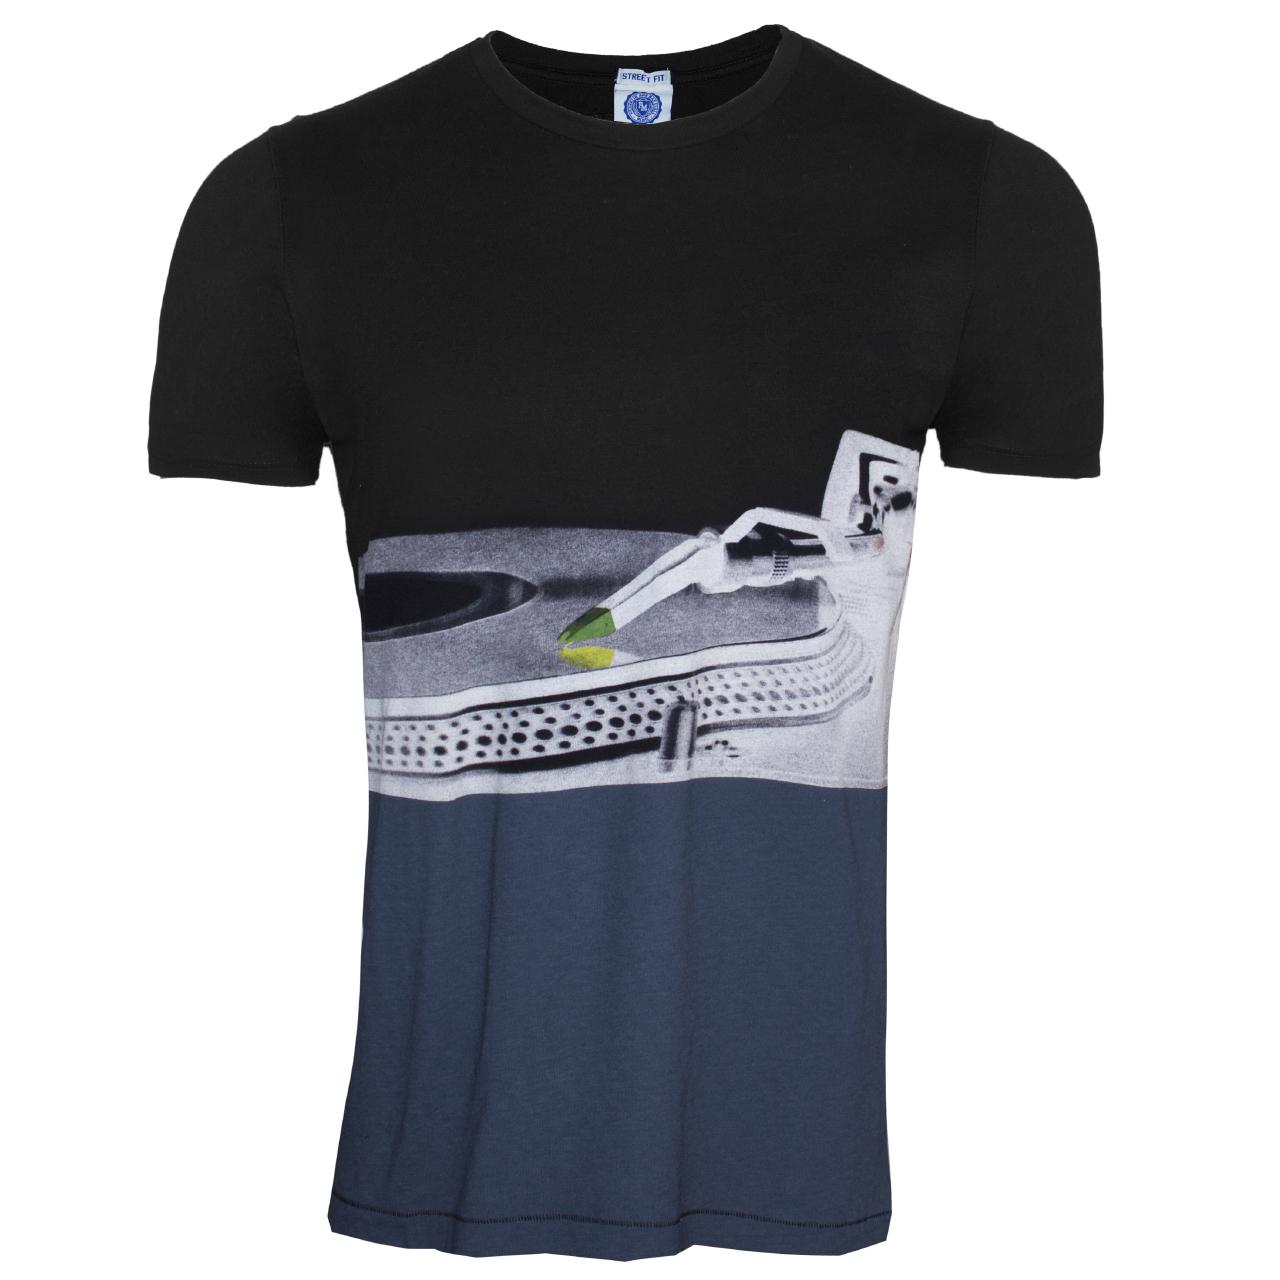 تی شرت مردانه فرانکلین مارشال مدل جرزی کد 286